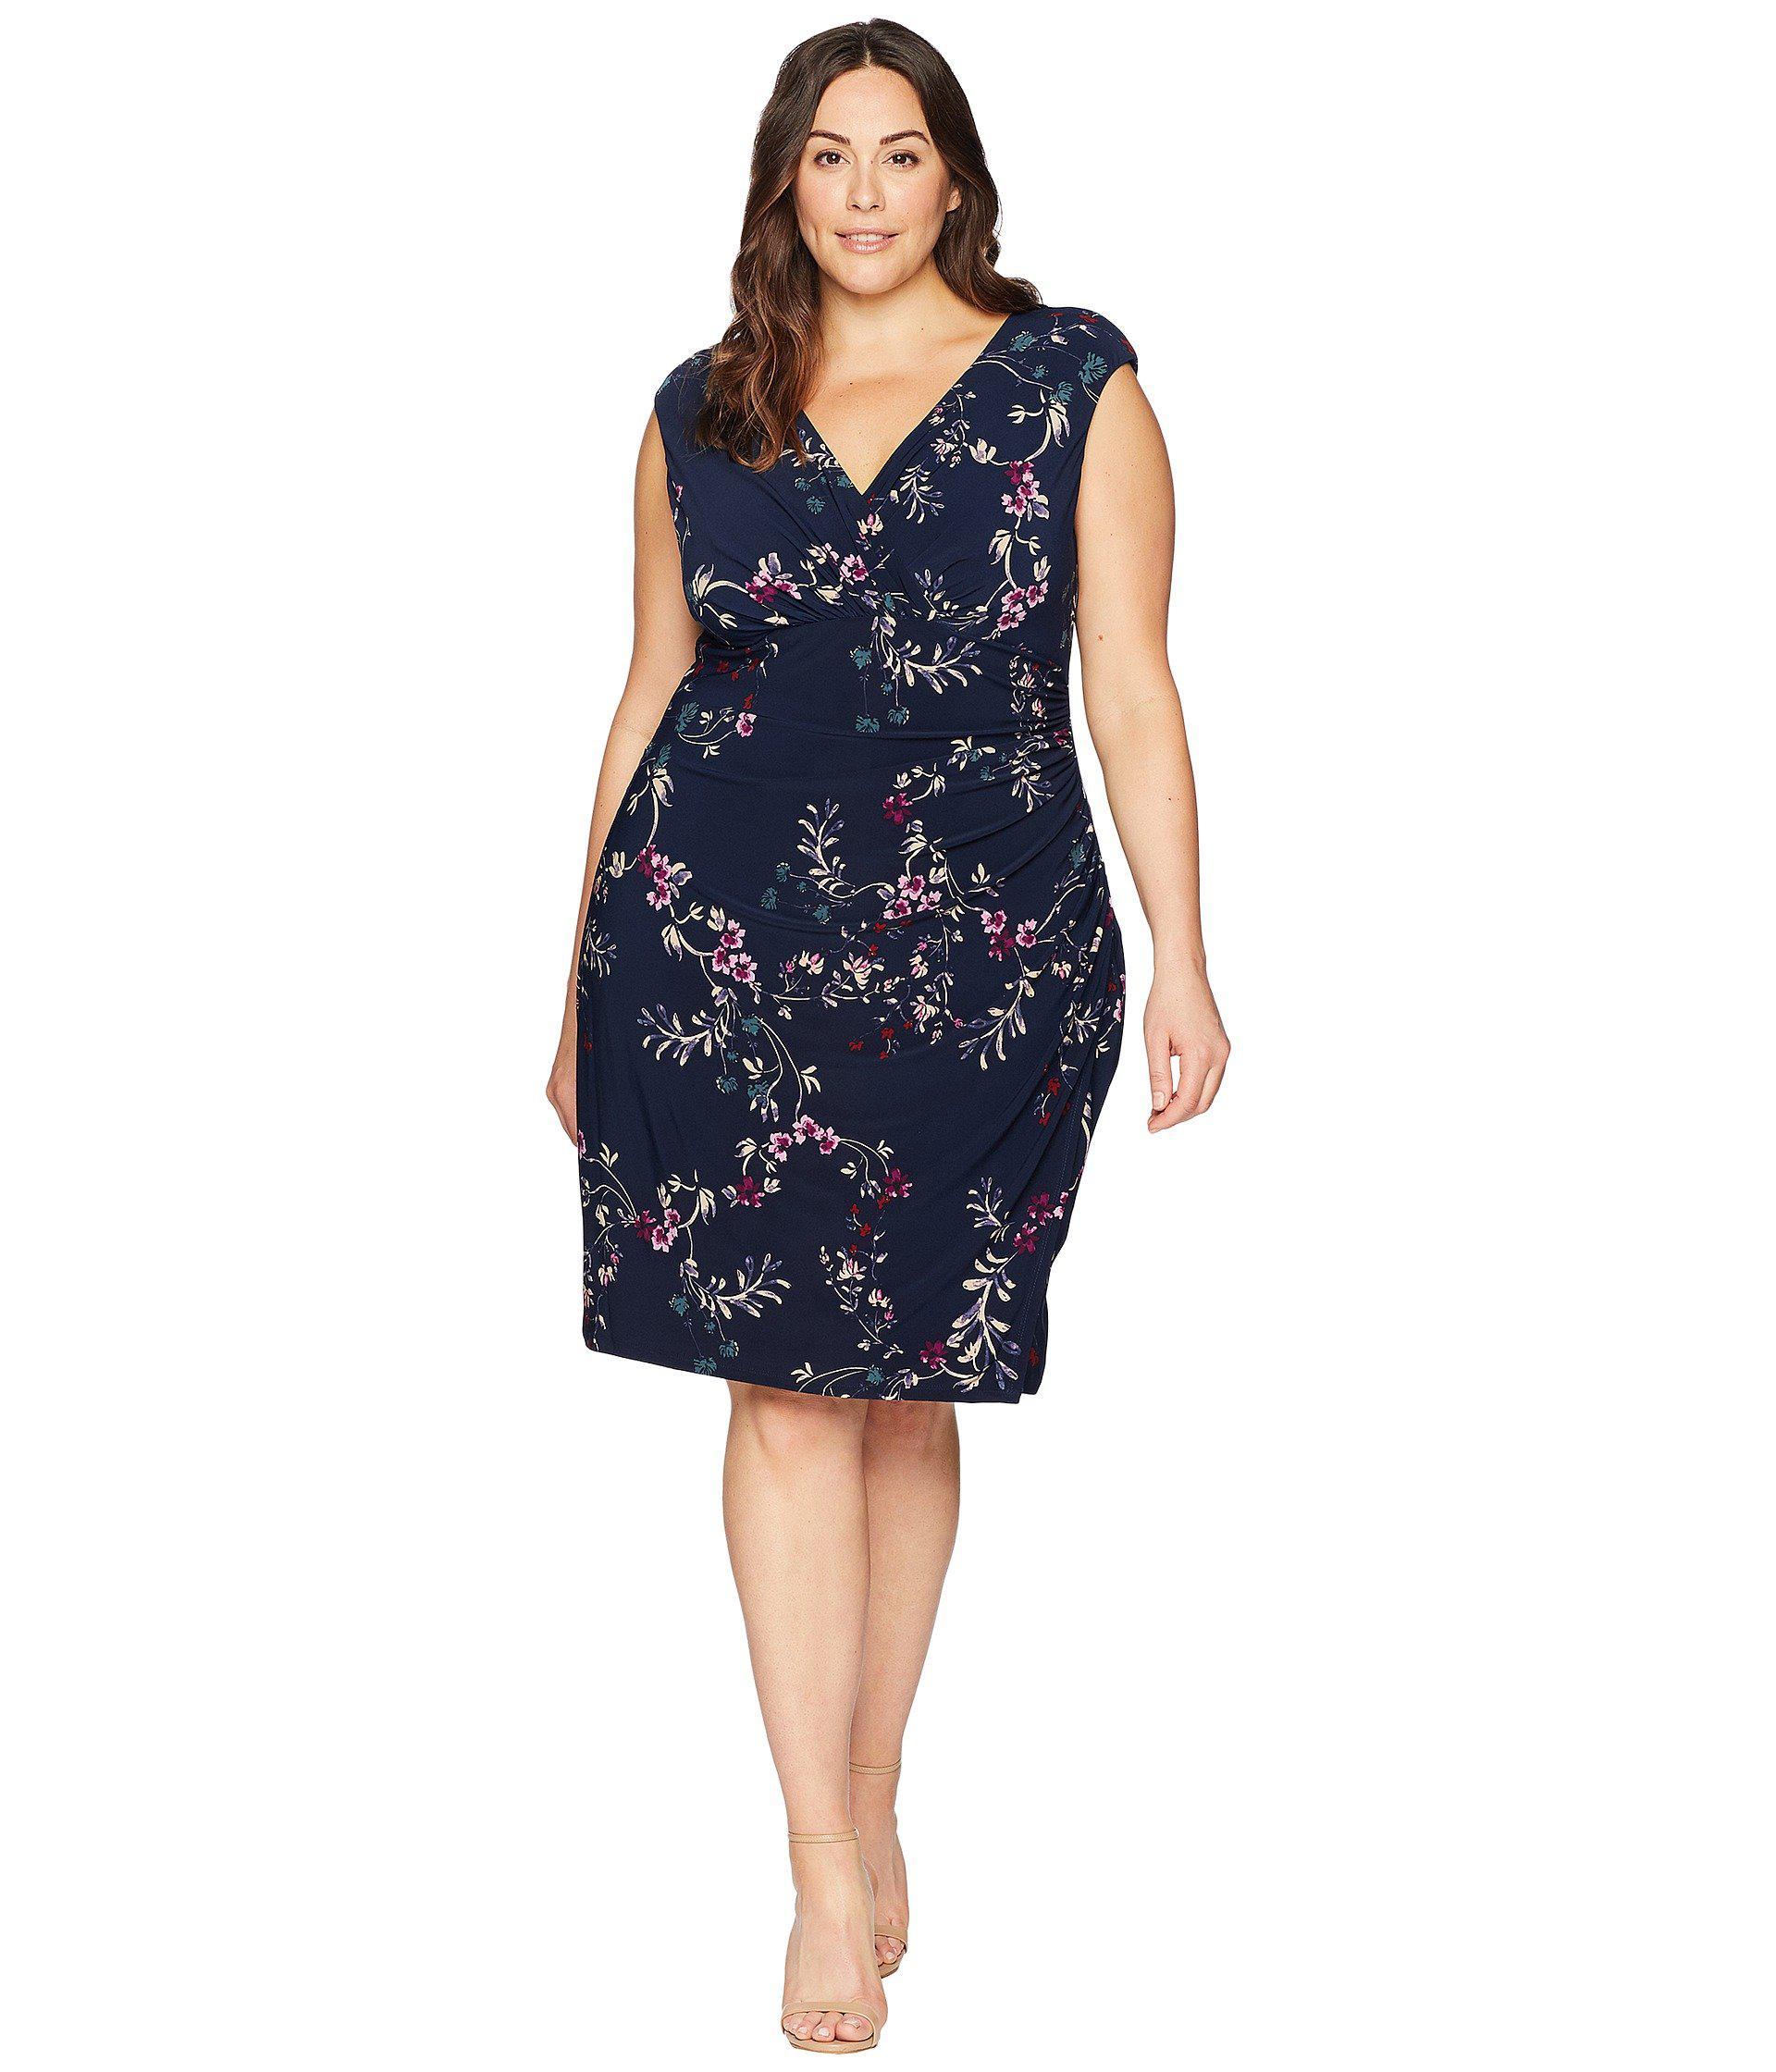 9eec5c2c Lauren by Ralph Lauren Plus Size Adara Avendida Floral in Blue ...